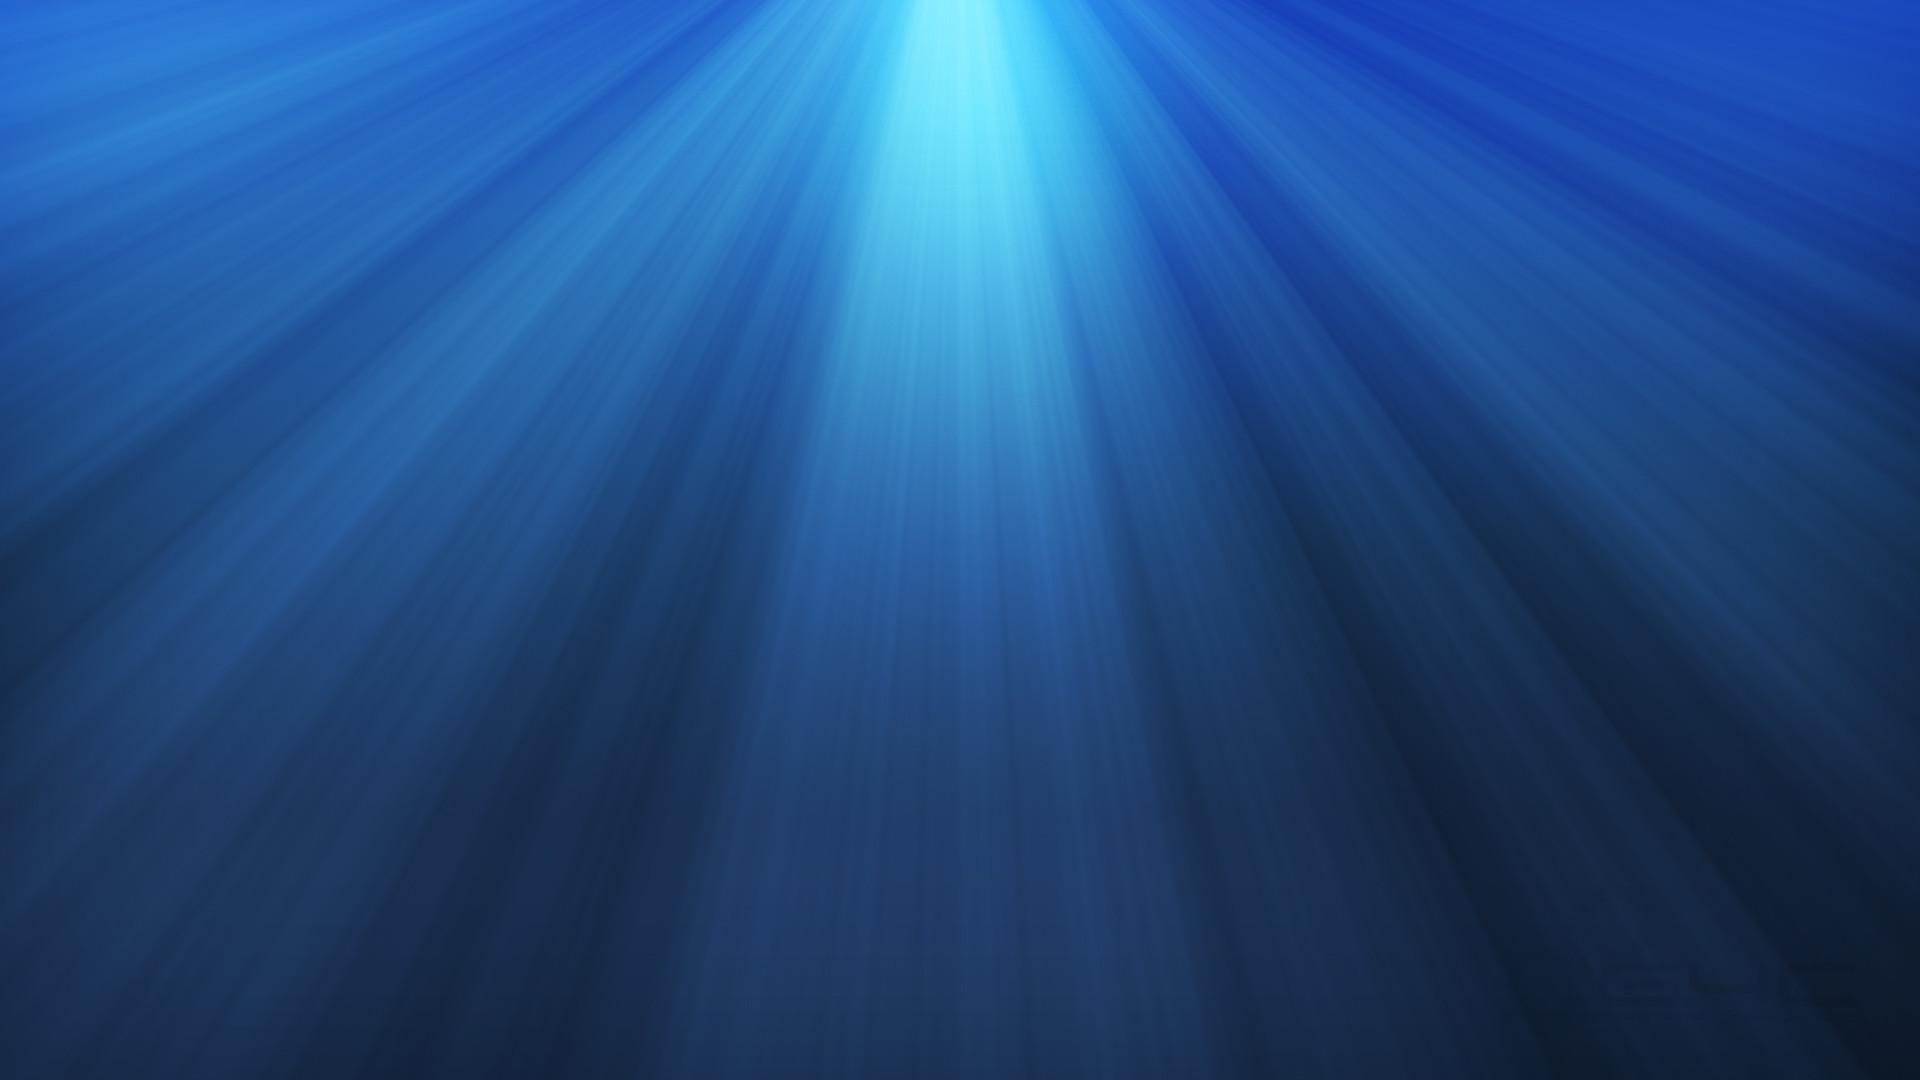 … blue wallpaper 9 …